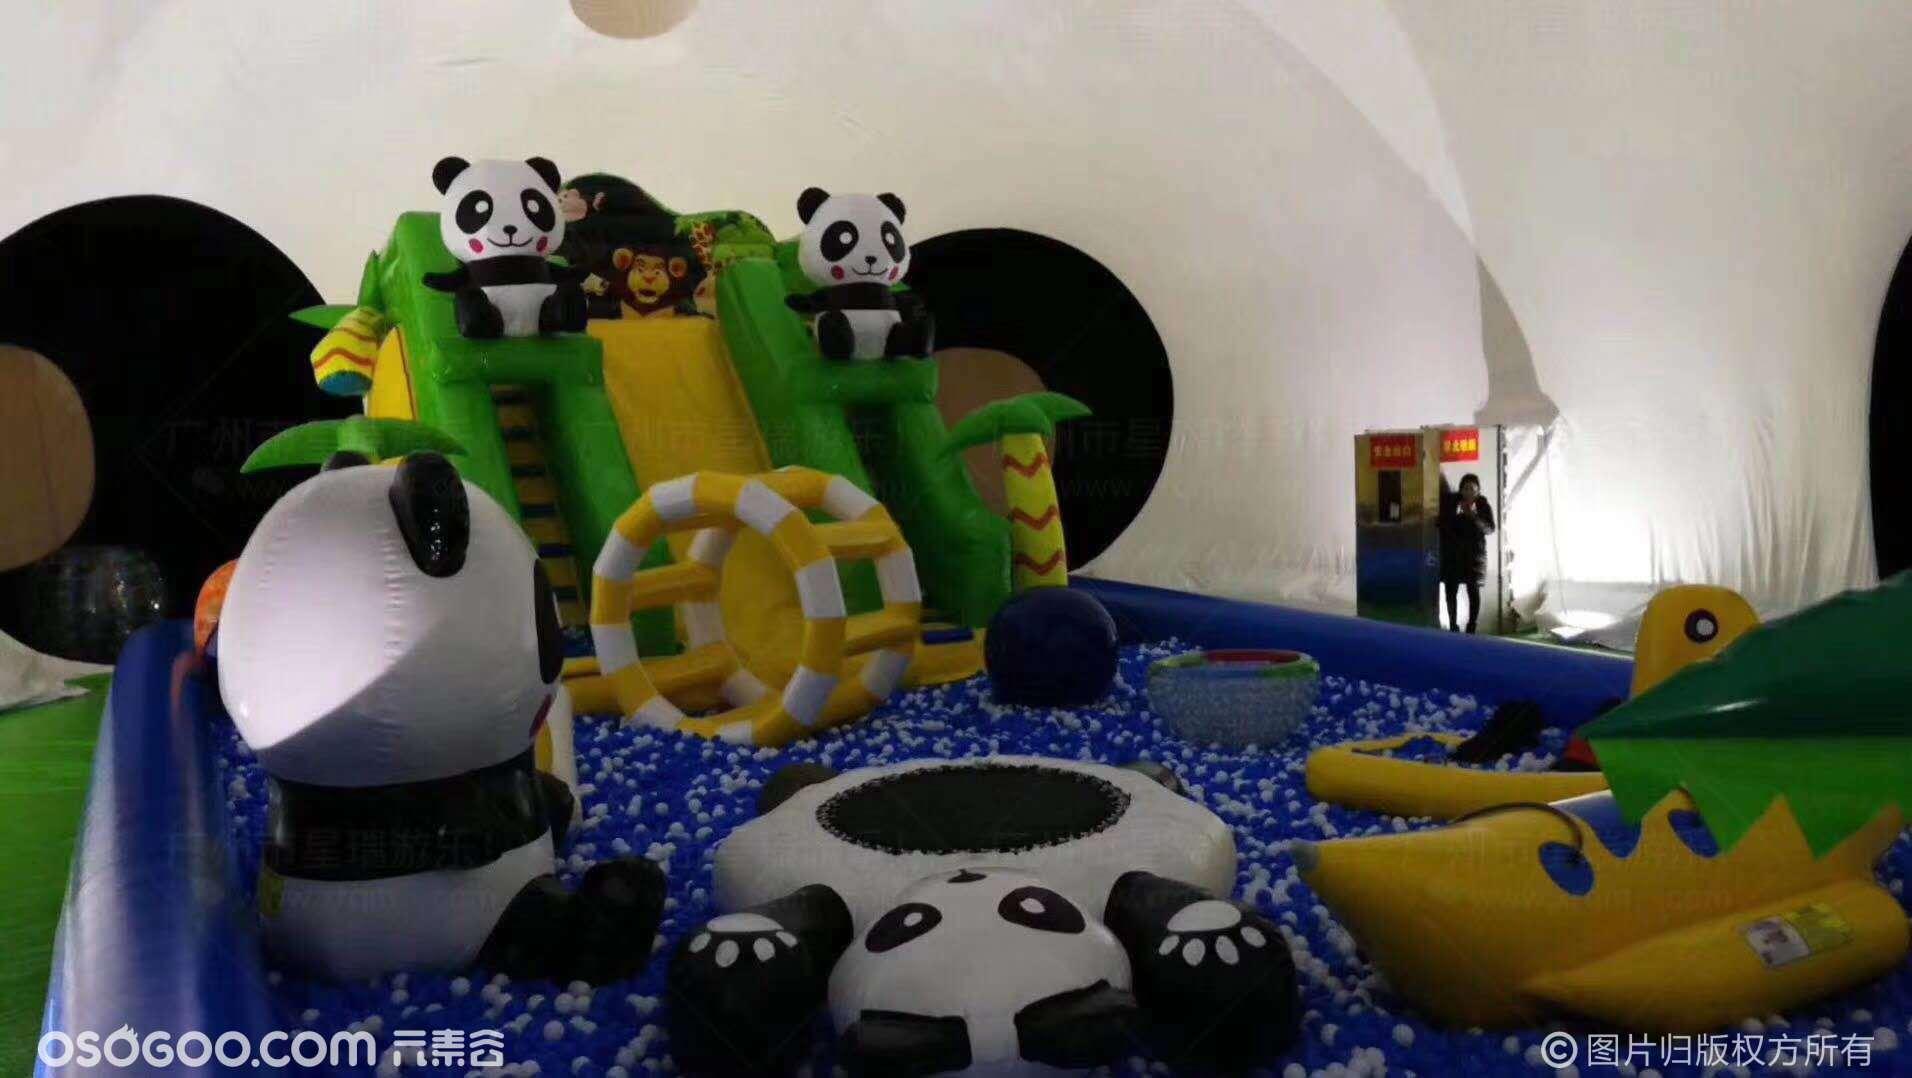 国宝熊猫岛主题IP 租赁熊猫岛气模 儿童气模城堡